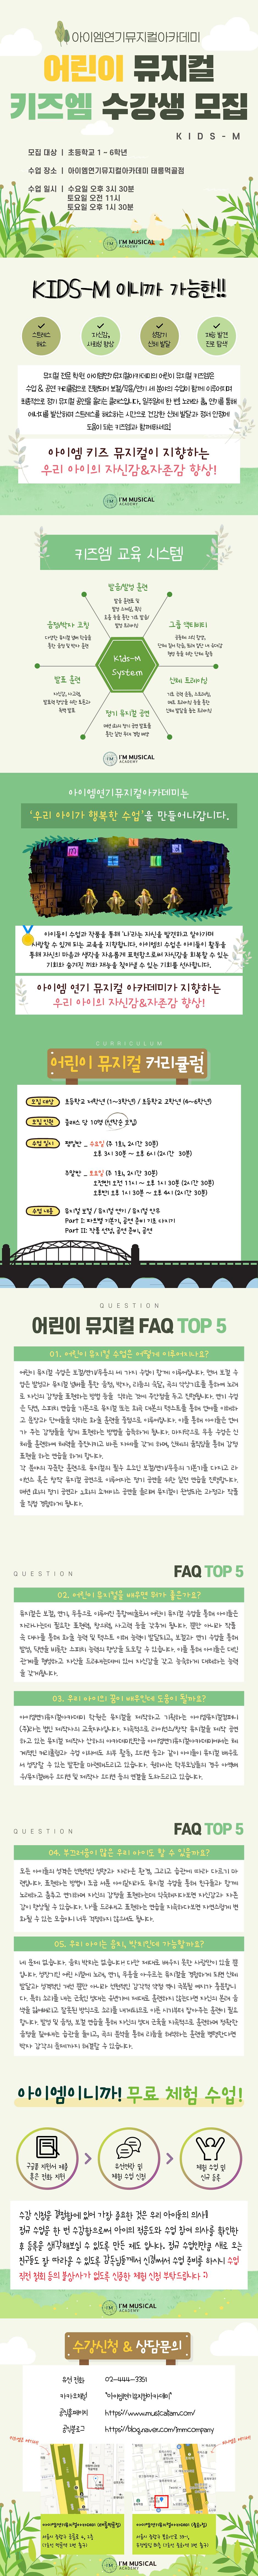 키즈엠3기_풀숲(HP용).png